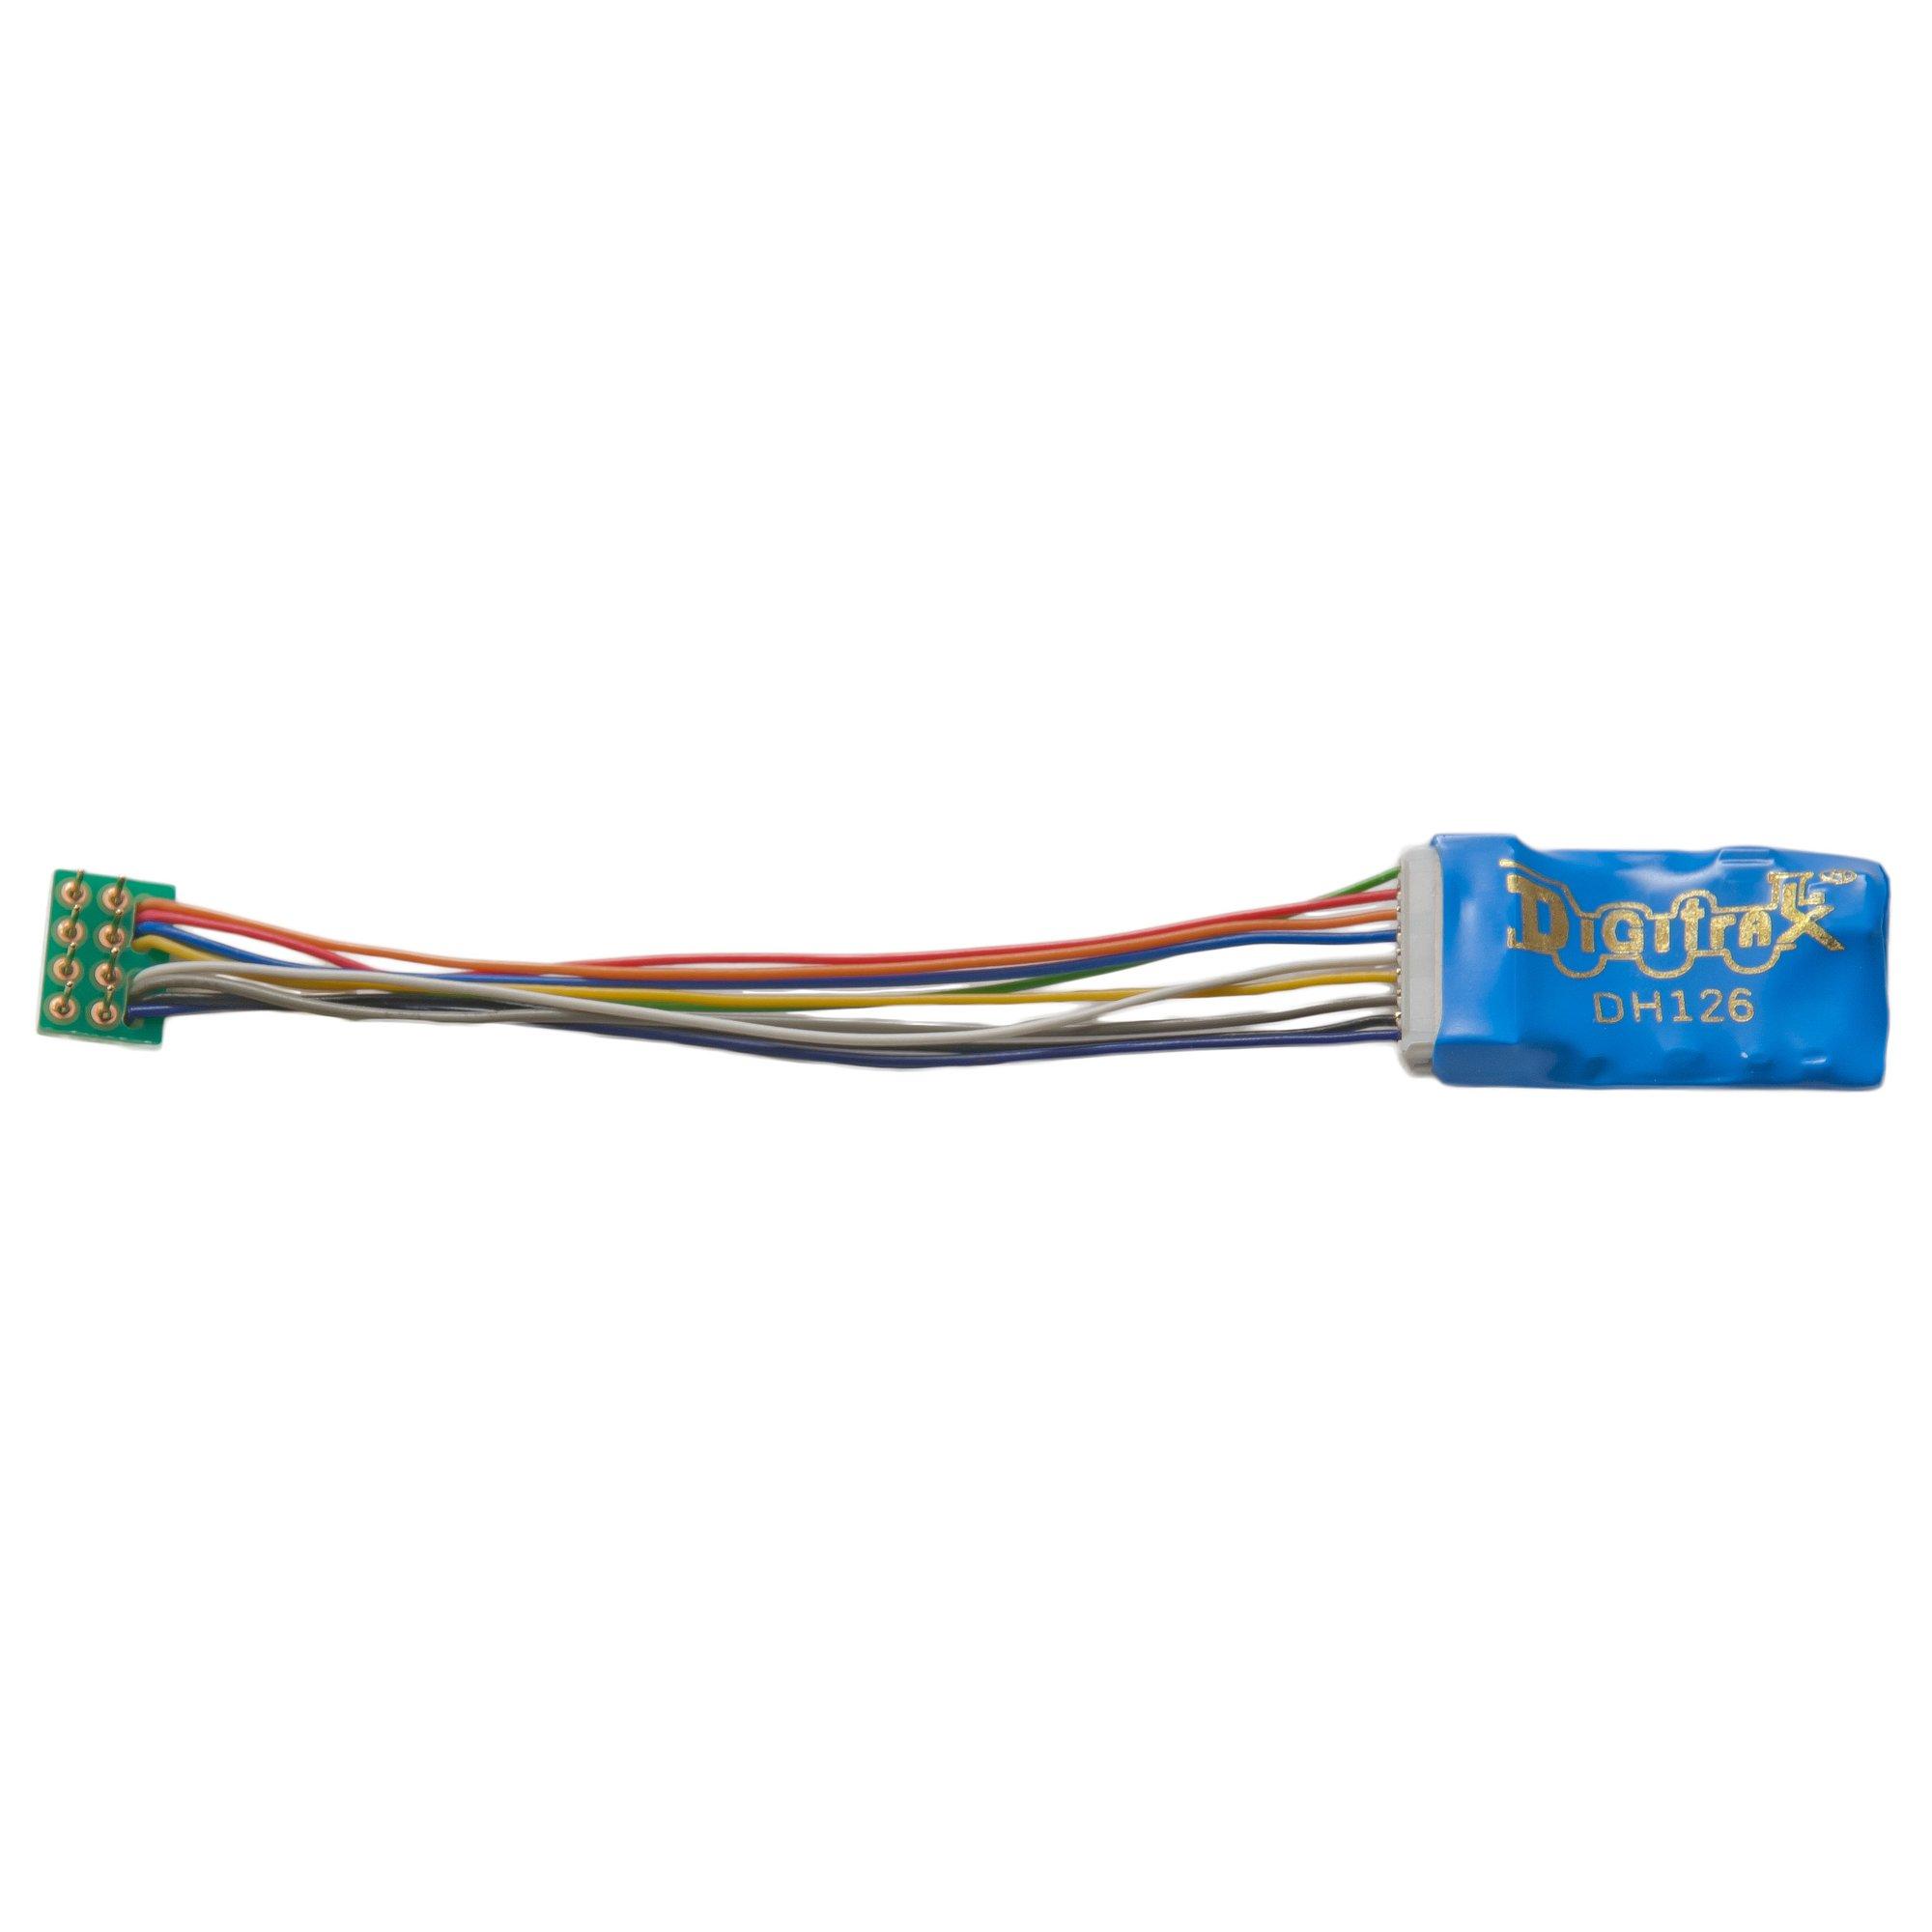 DH126P_jpg_2000x2000_q85 digitrax wiring schematic dh126 schematic diagrams